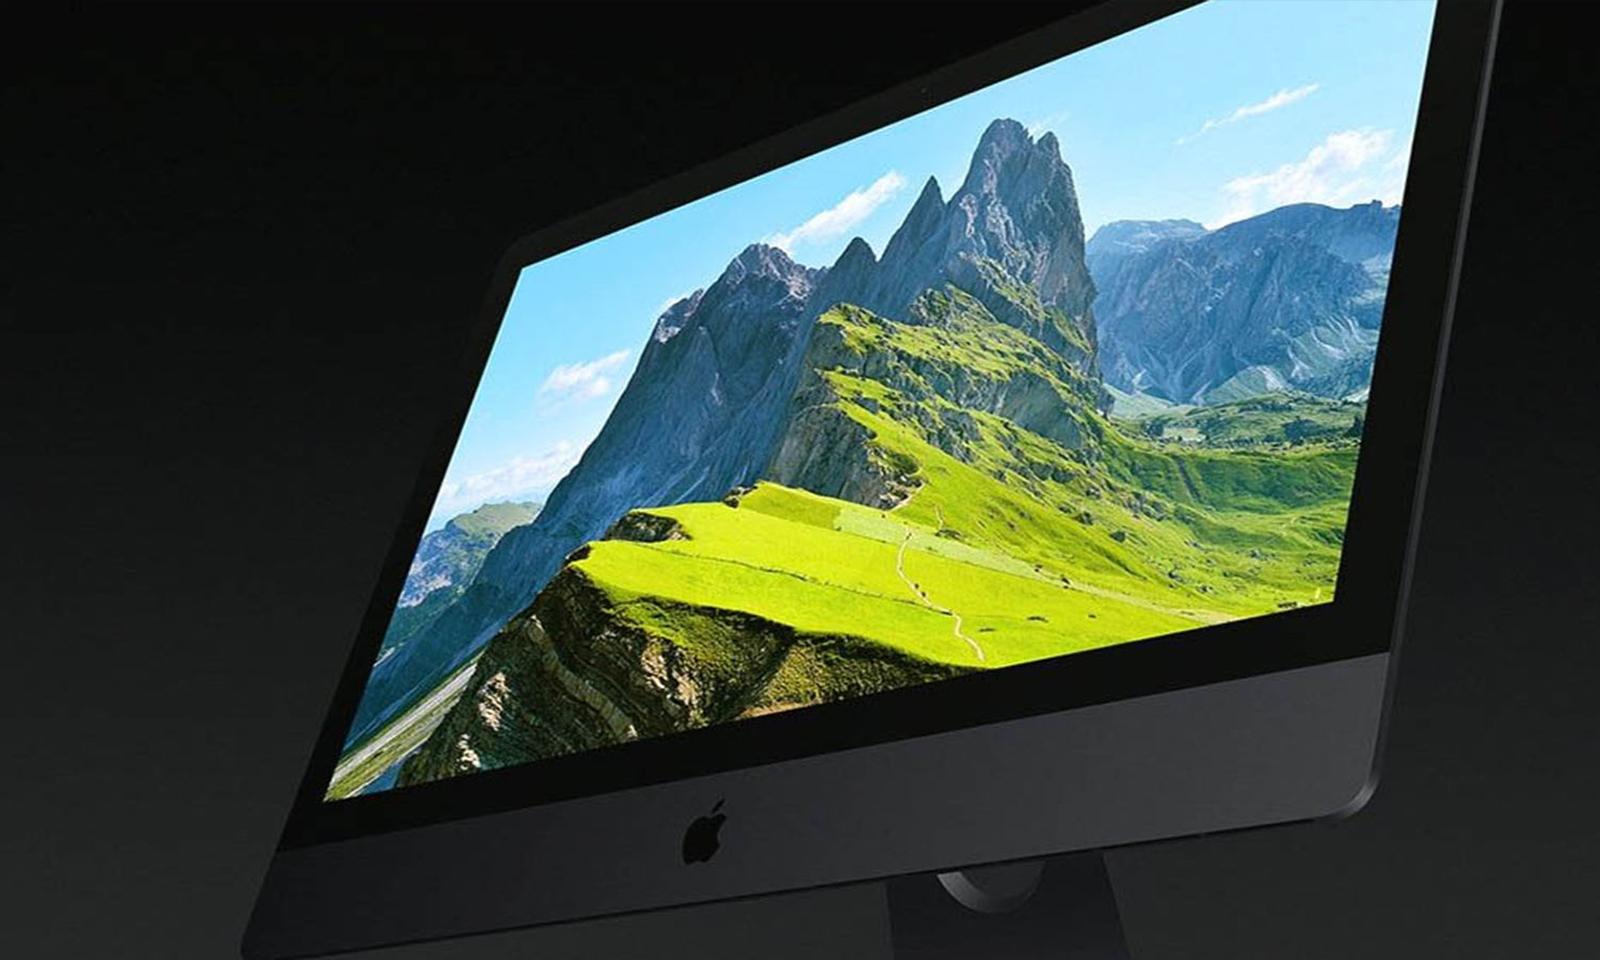 wwdc 2017 imac pro devient le plus puissant des ordinateurs d apple. Black Bedroom Furniture Sets. Home Design Ideas